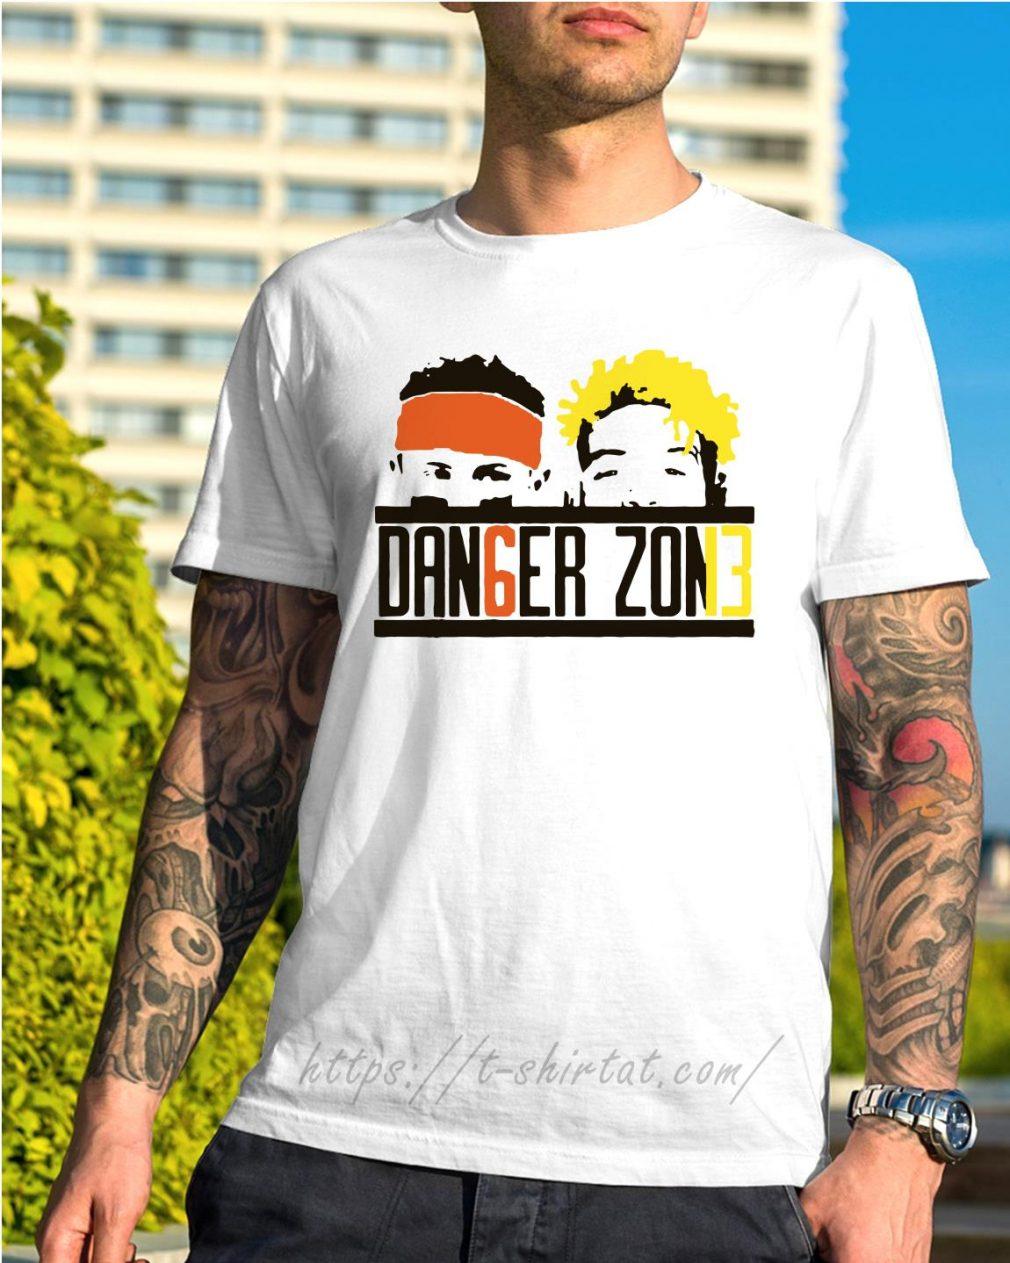 Baker Mayfield - Odell Beckham Dan6er Zon13 shirt